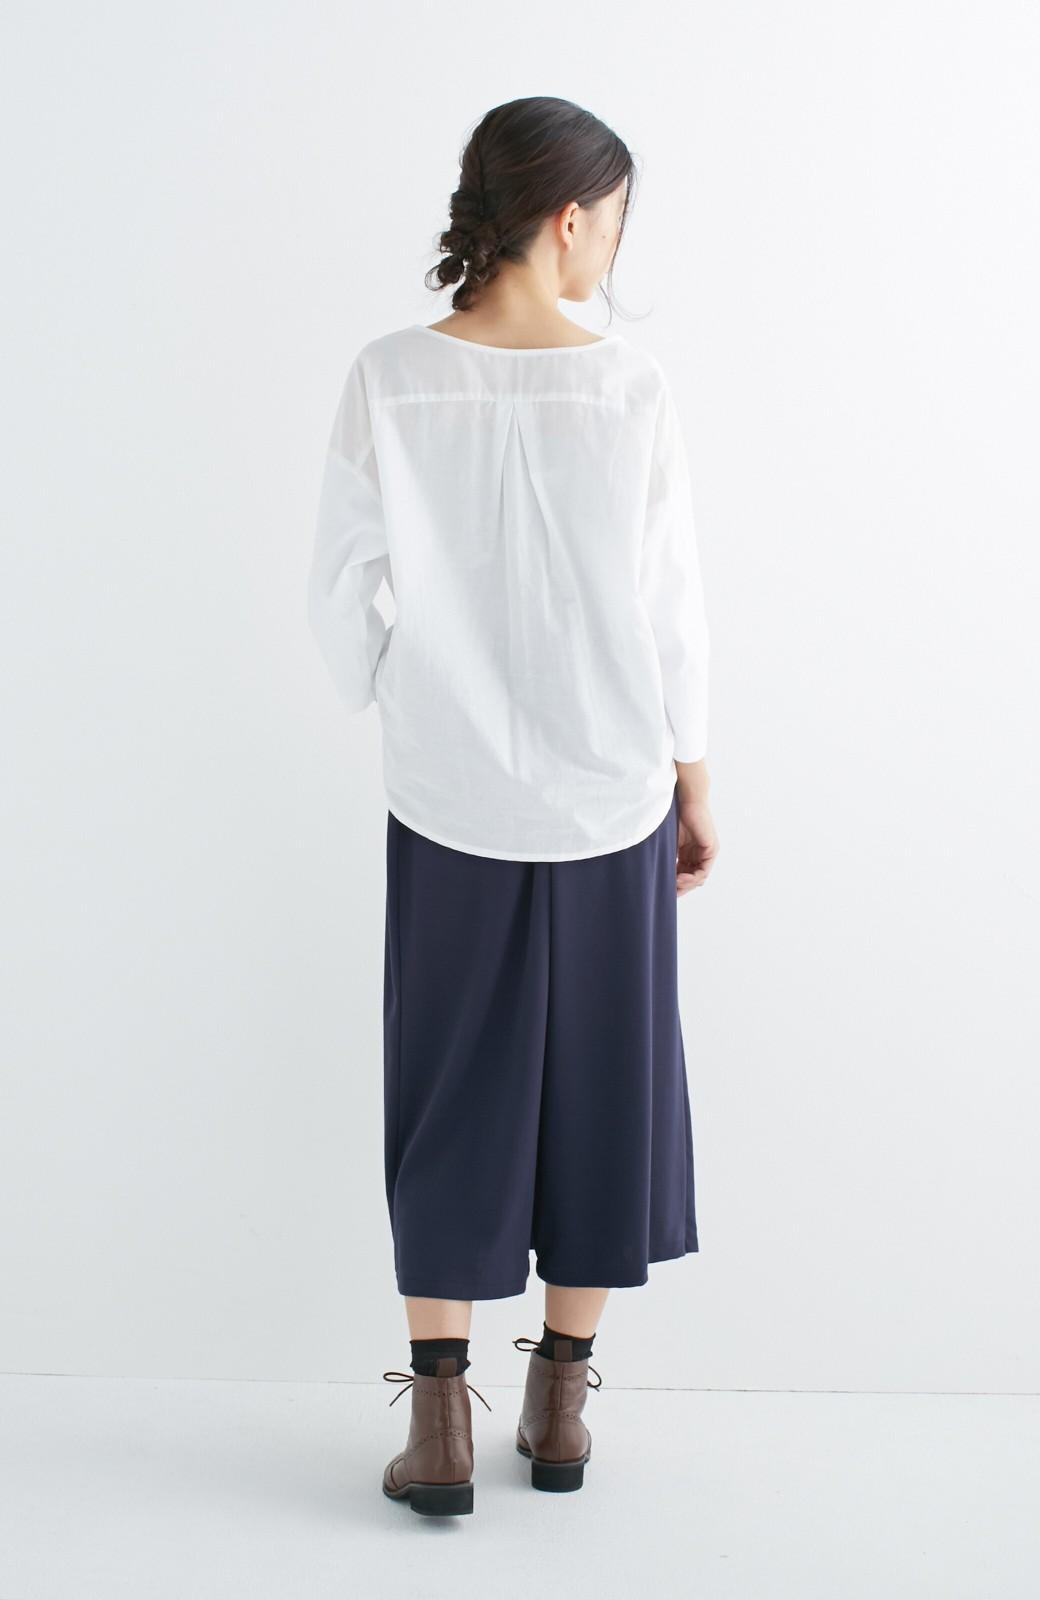 エムトロワ こう見えて動きやすい、袖だけカットソーの華やか刺しゅうブラウス <ホワイト>の商品写真13